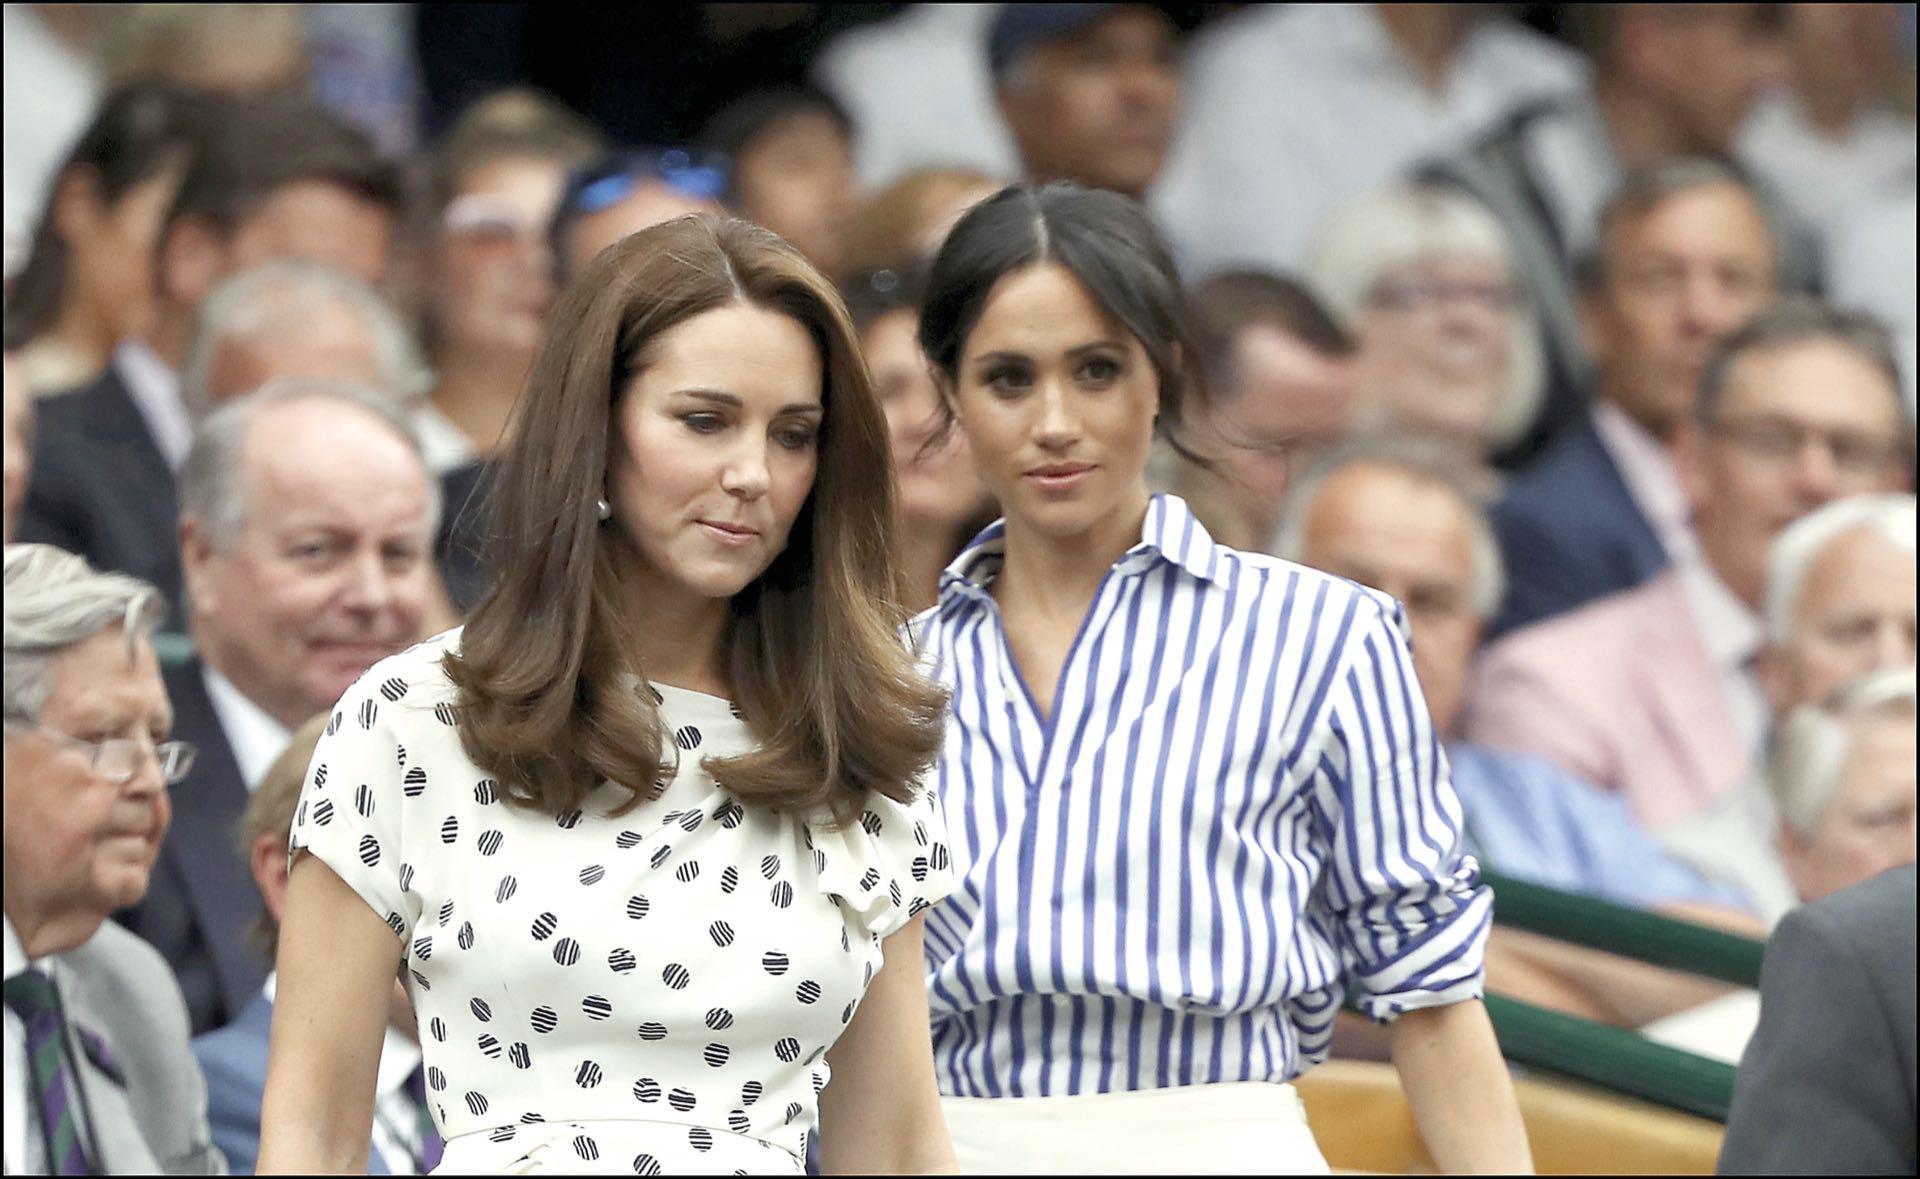 Las duquesas en un partido de tenis de Wimbledon el 14 de julio de 2018